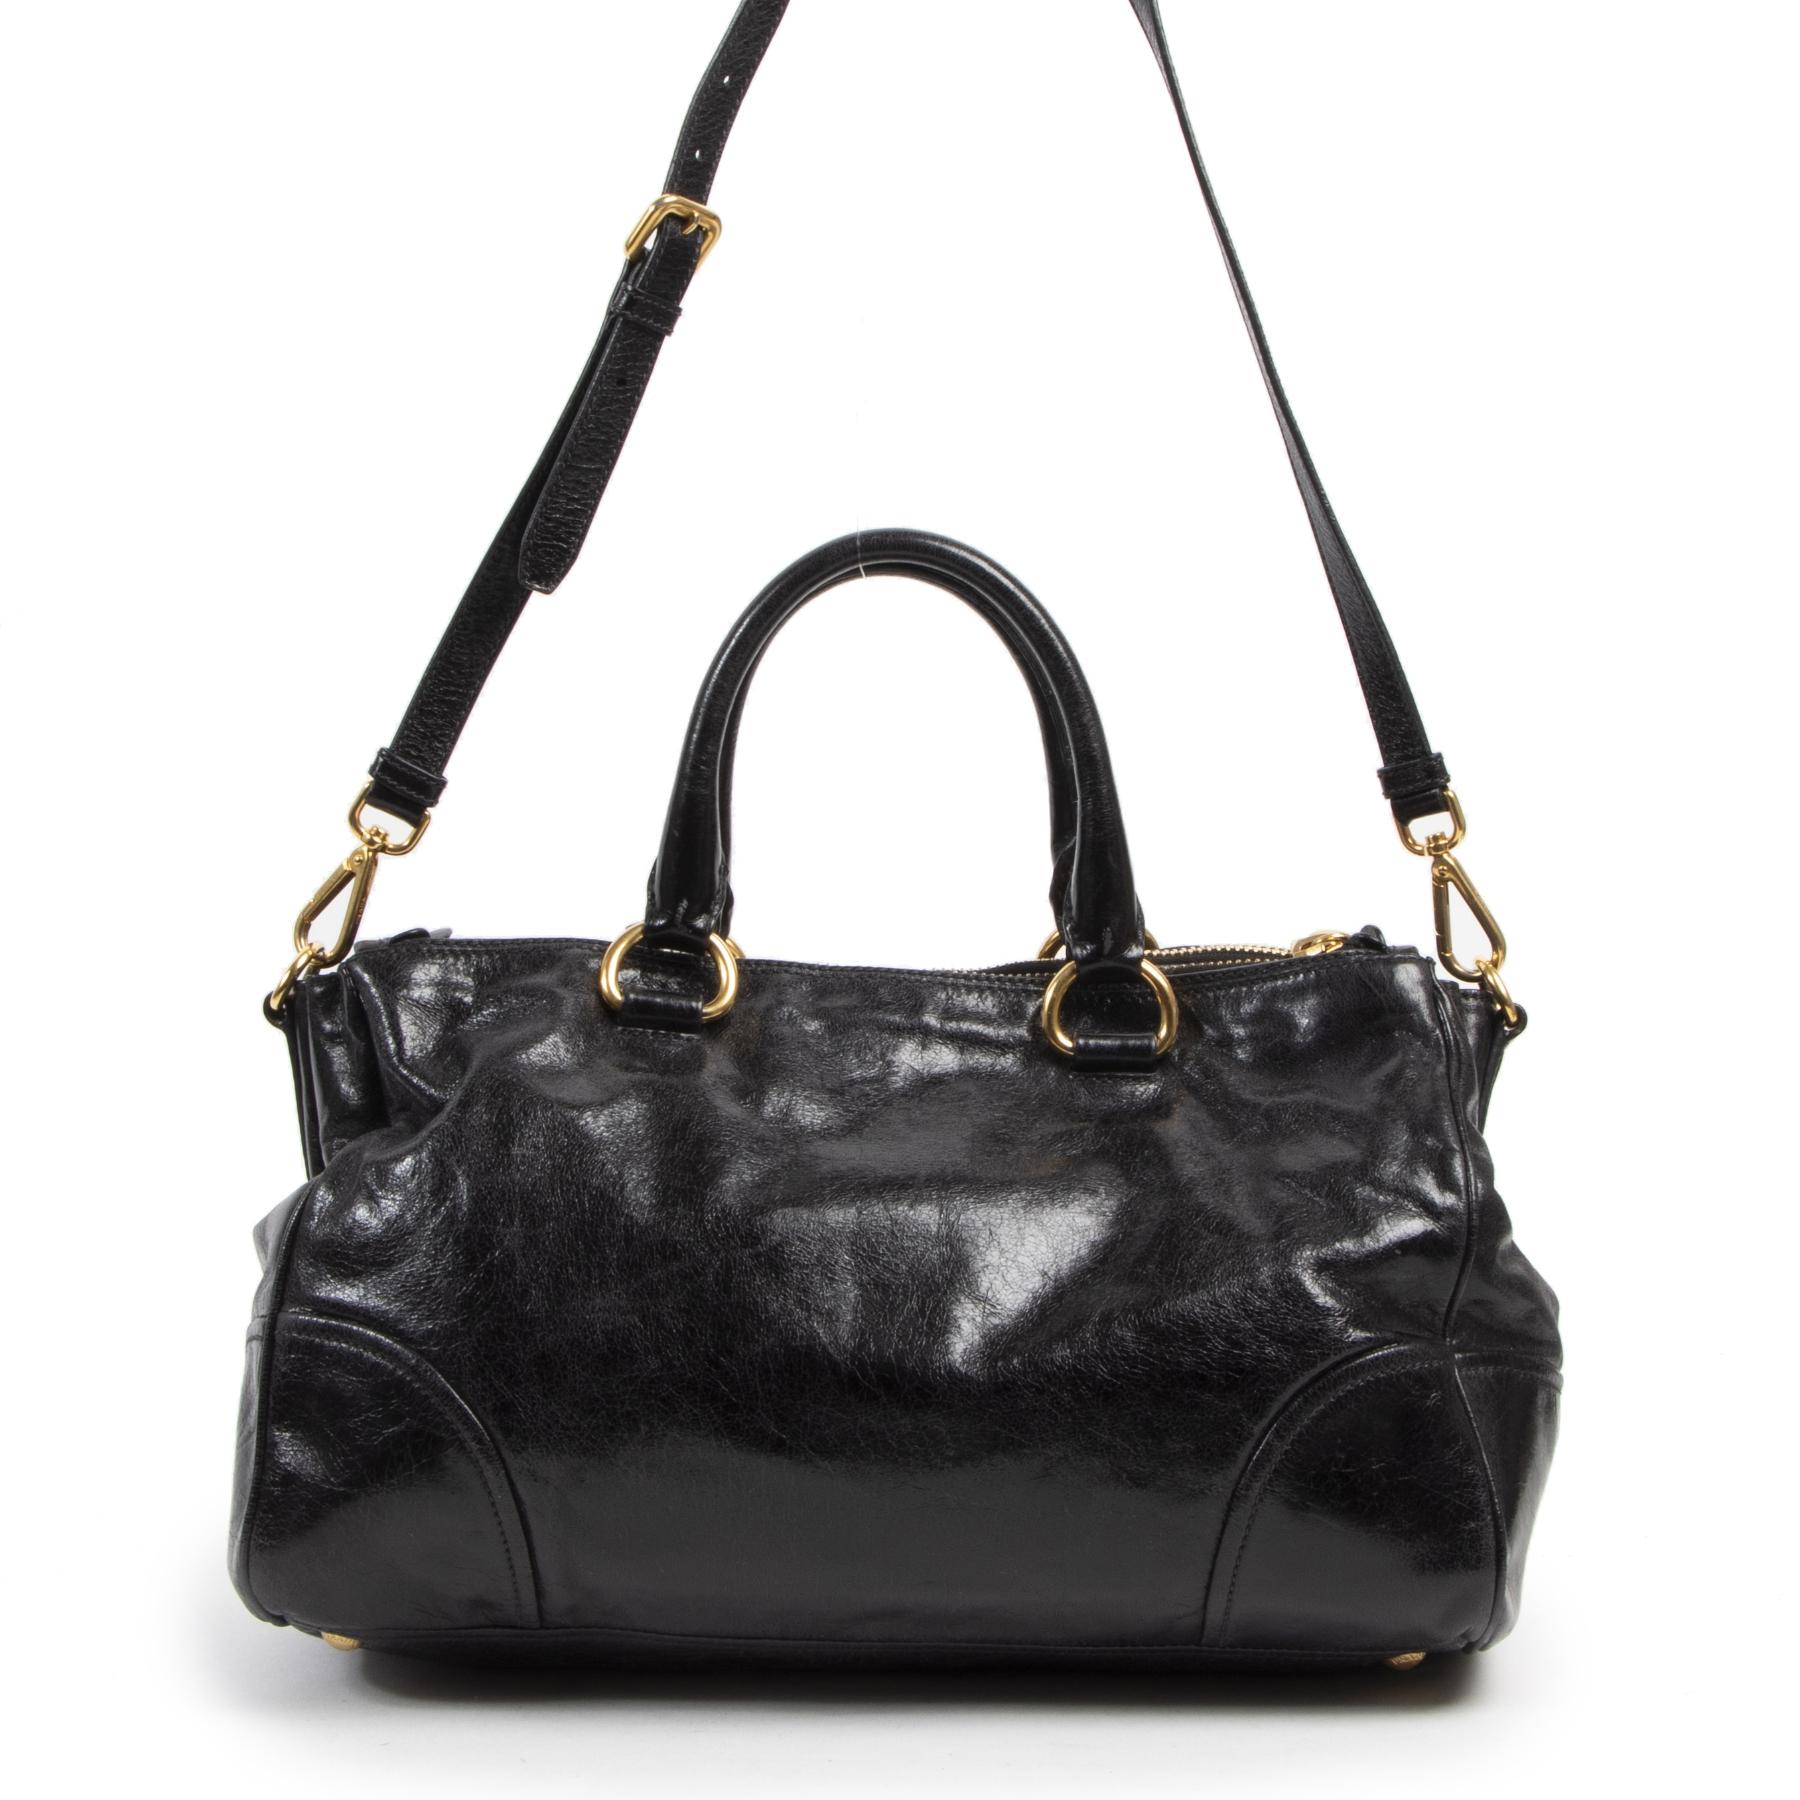 Authentieke Tweedehands Prada Vitello Shine Black Patent Leather Satchel juiste prijs veilig online shoppen luxe merken webshop winkelen Antwerpen België mode fashion